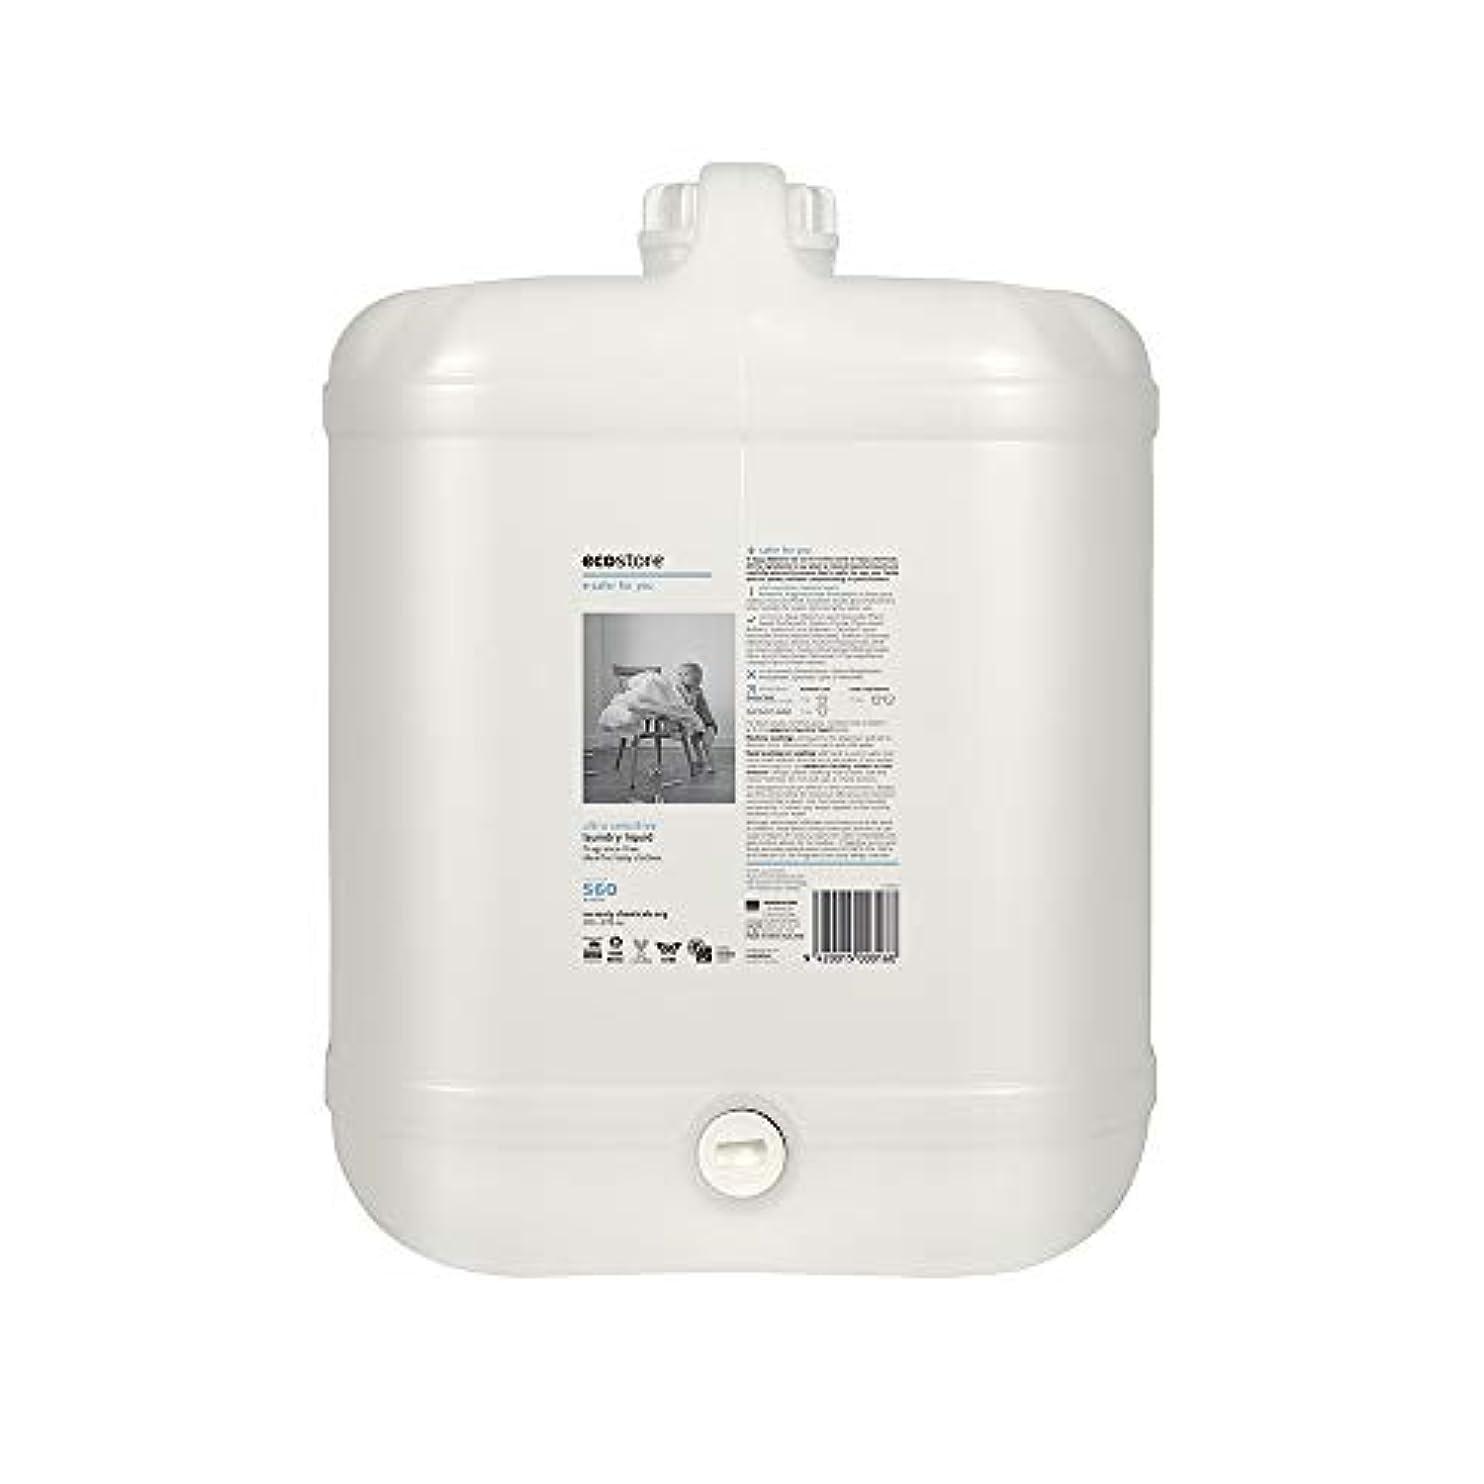 ecostore(エコストア) ランドリーリキッド <無香料> バルク 20L